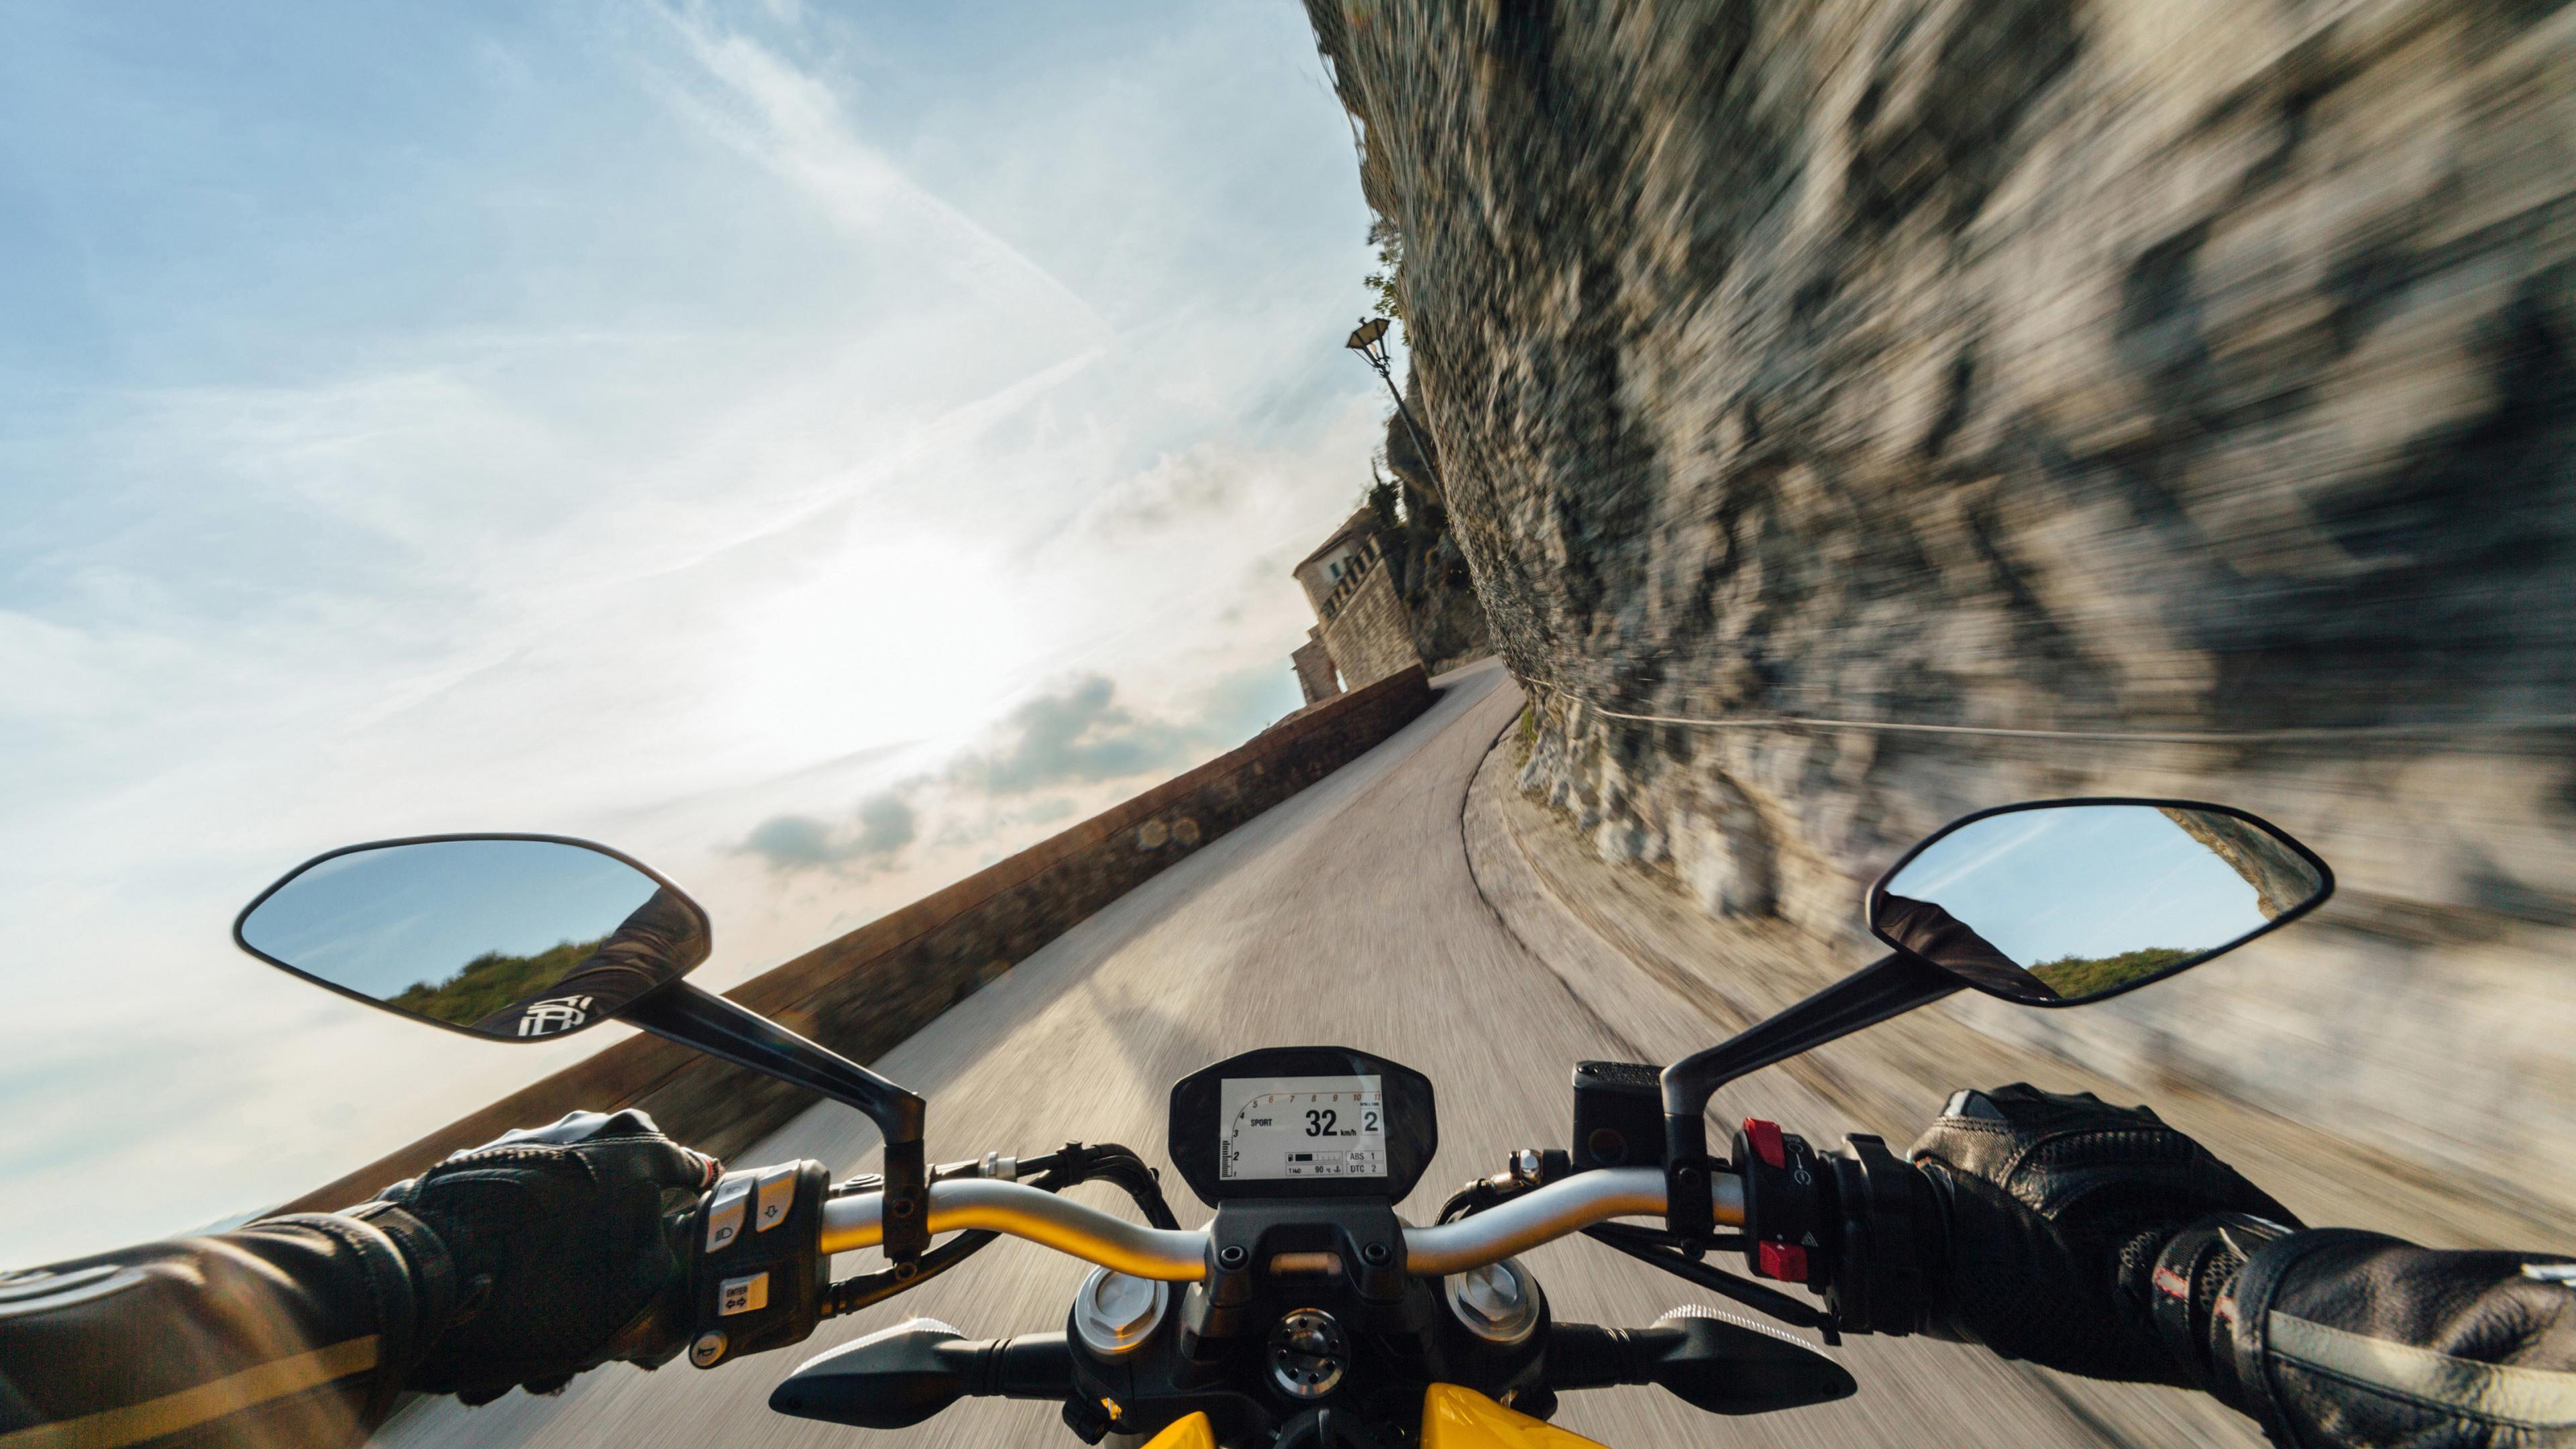 ducati monster 821 2017 1536316284 - Ducati Monster 821 2017 - hd-wallpapers, ducati wallpapers, ducati monster wallpapers, bikes wallpapers, 4k-wallpapers